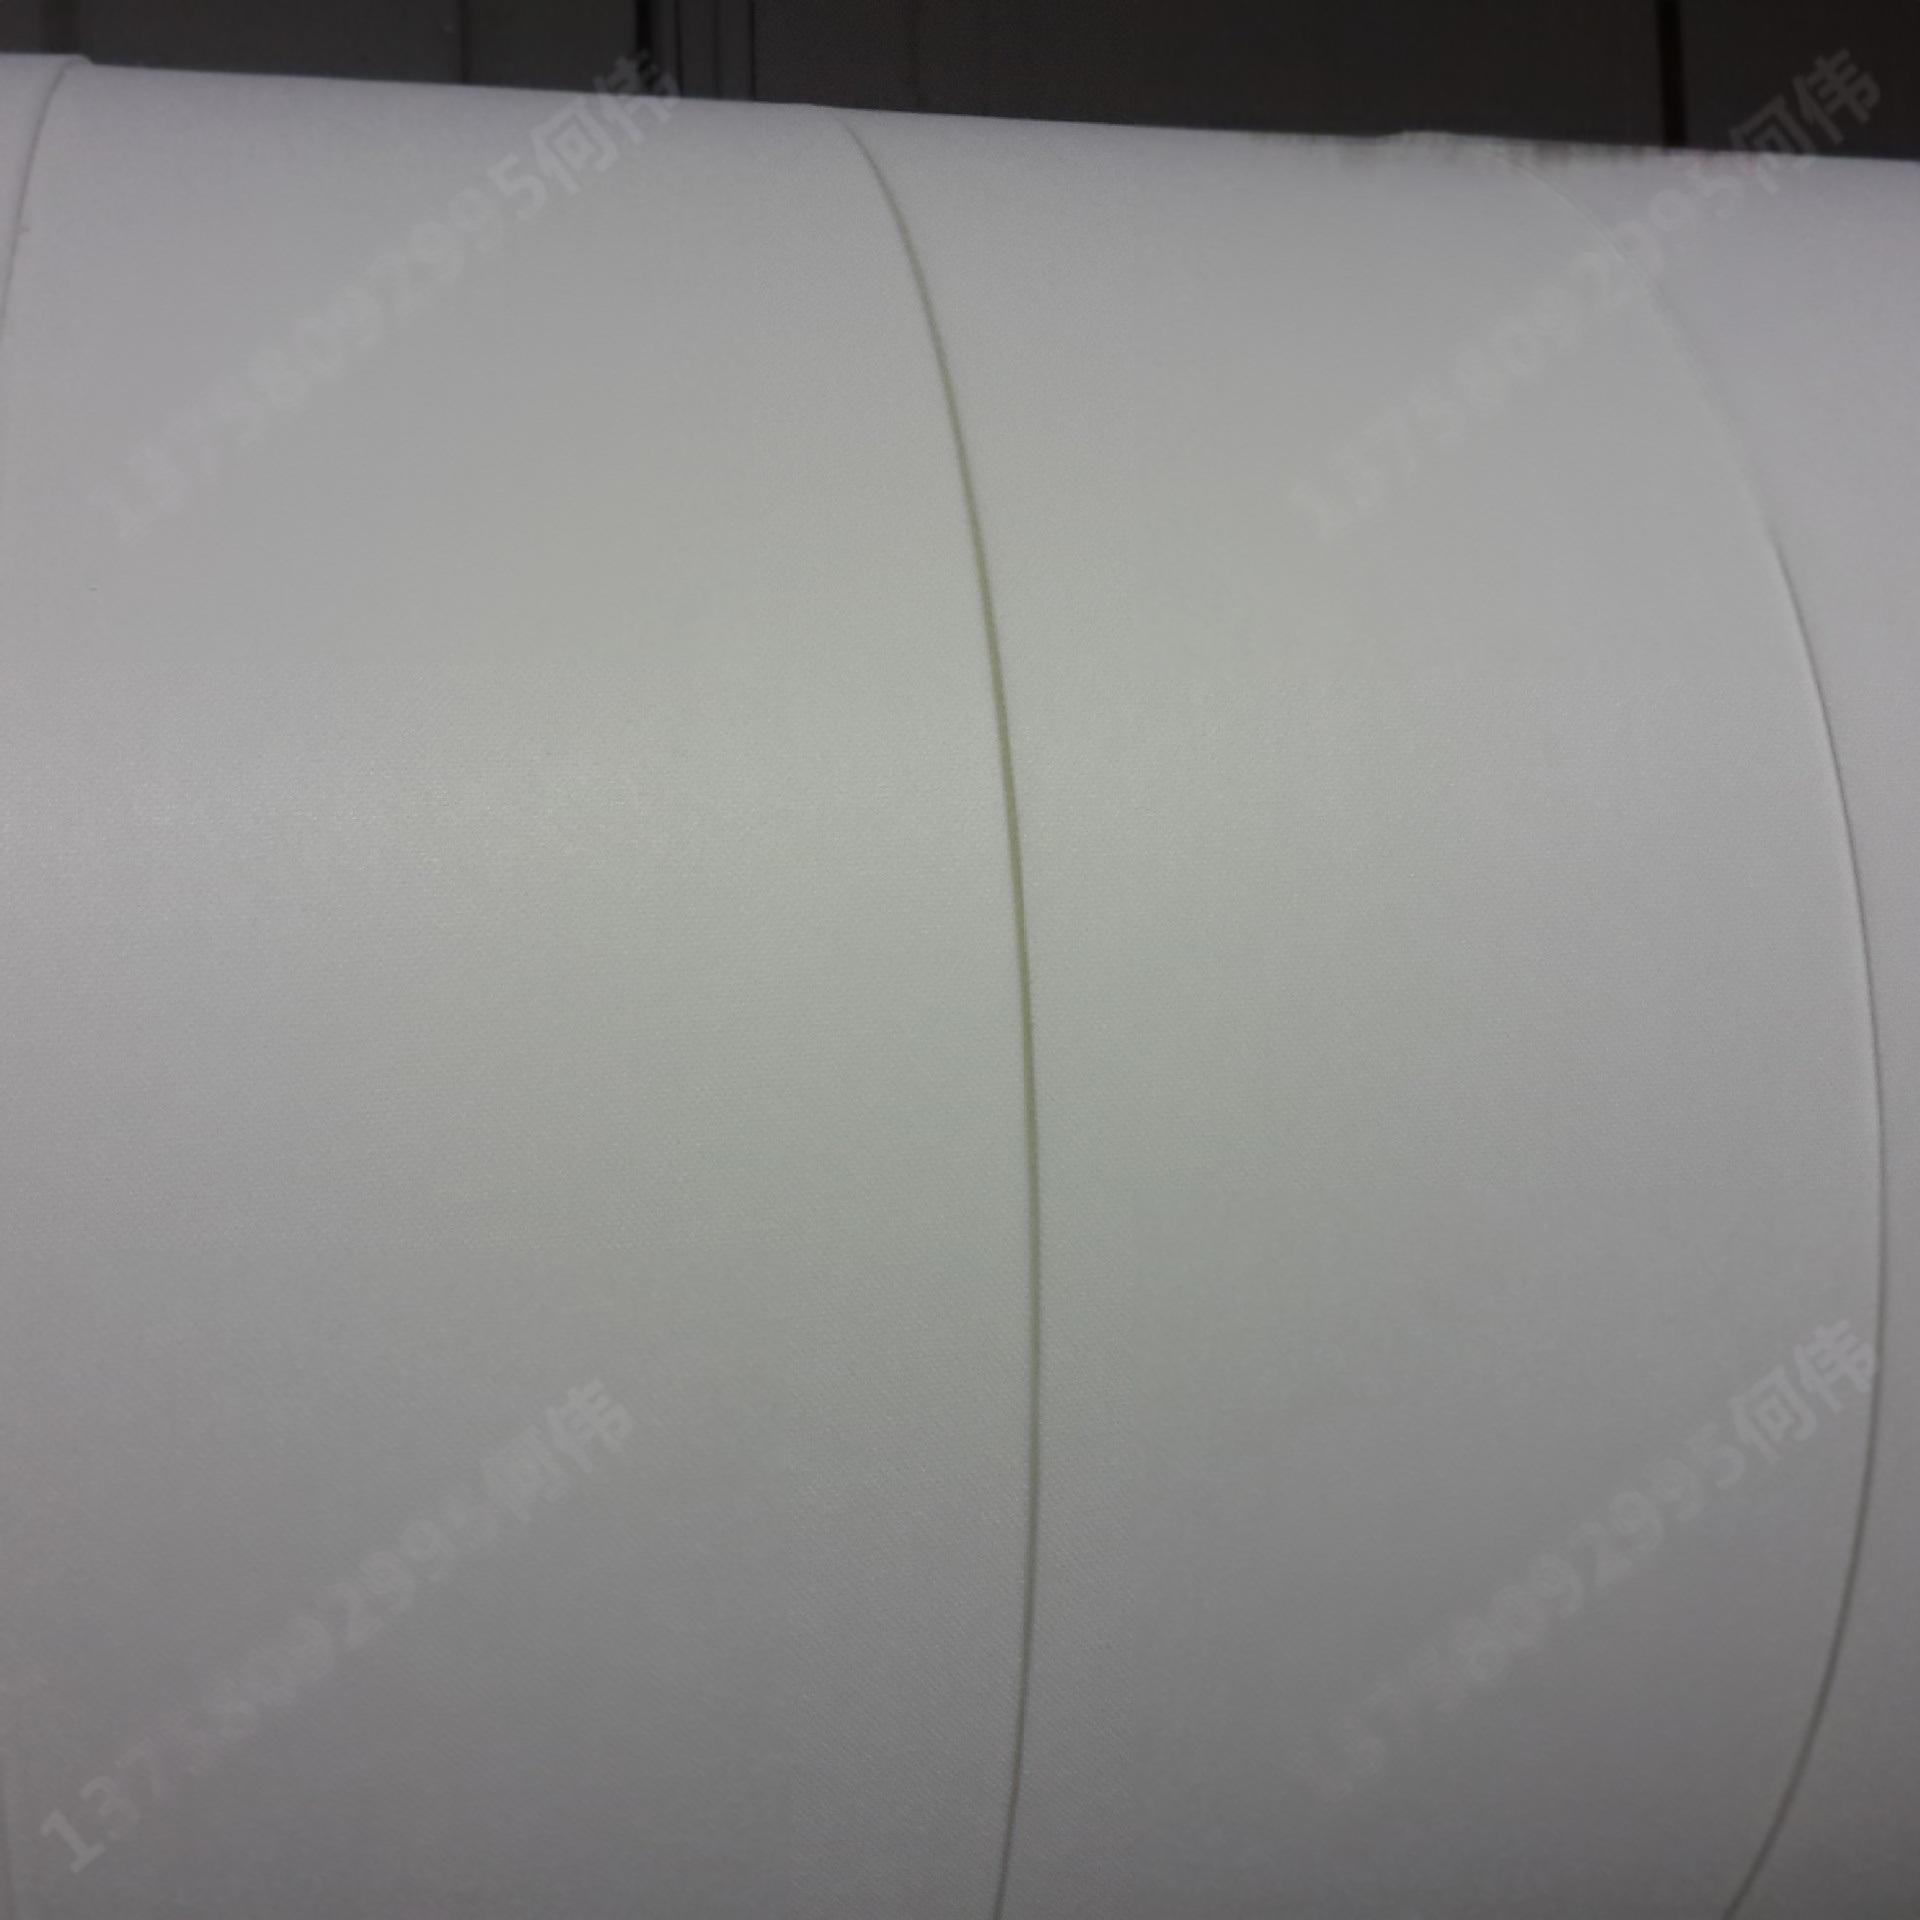 竹纖維水刺布工廠簡介